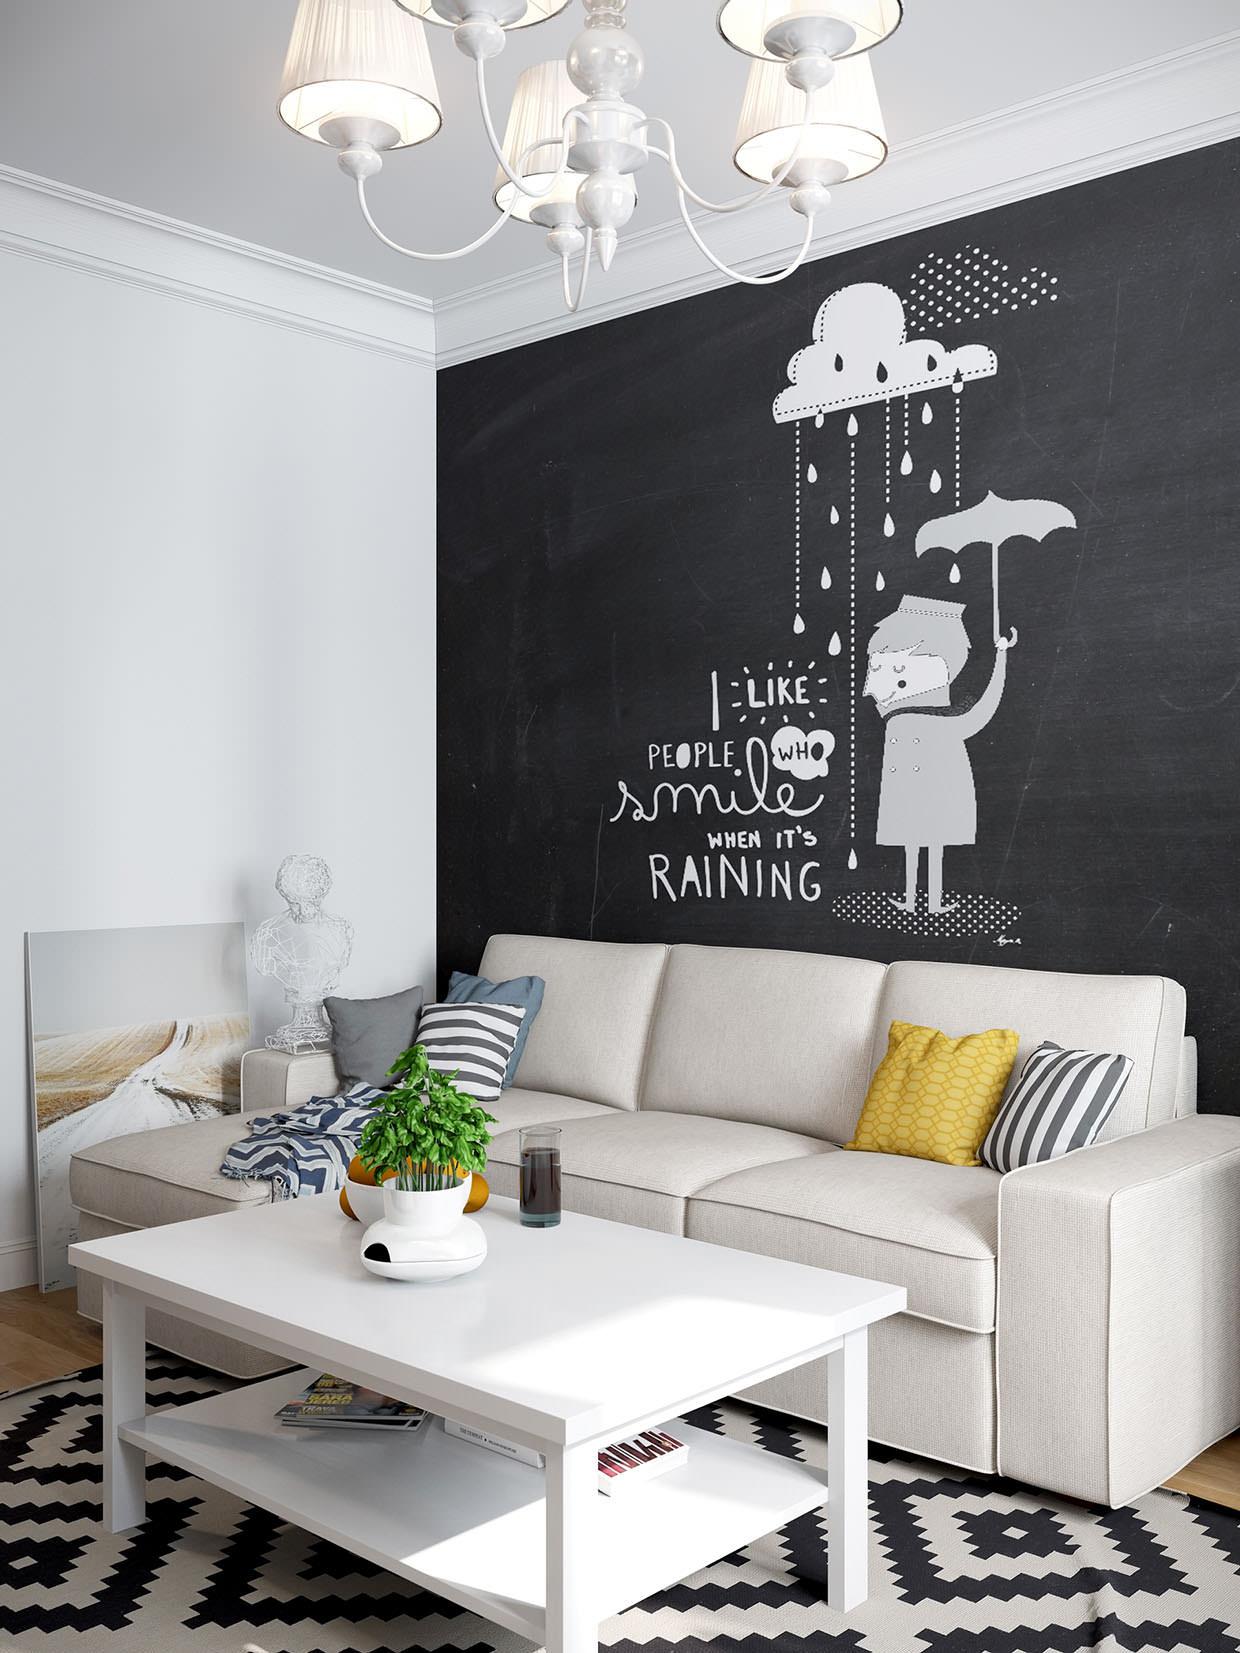 malko-jilishte-s-mladejki-interior-v-skandinavski-stil-4g